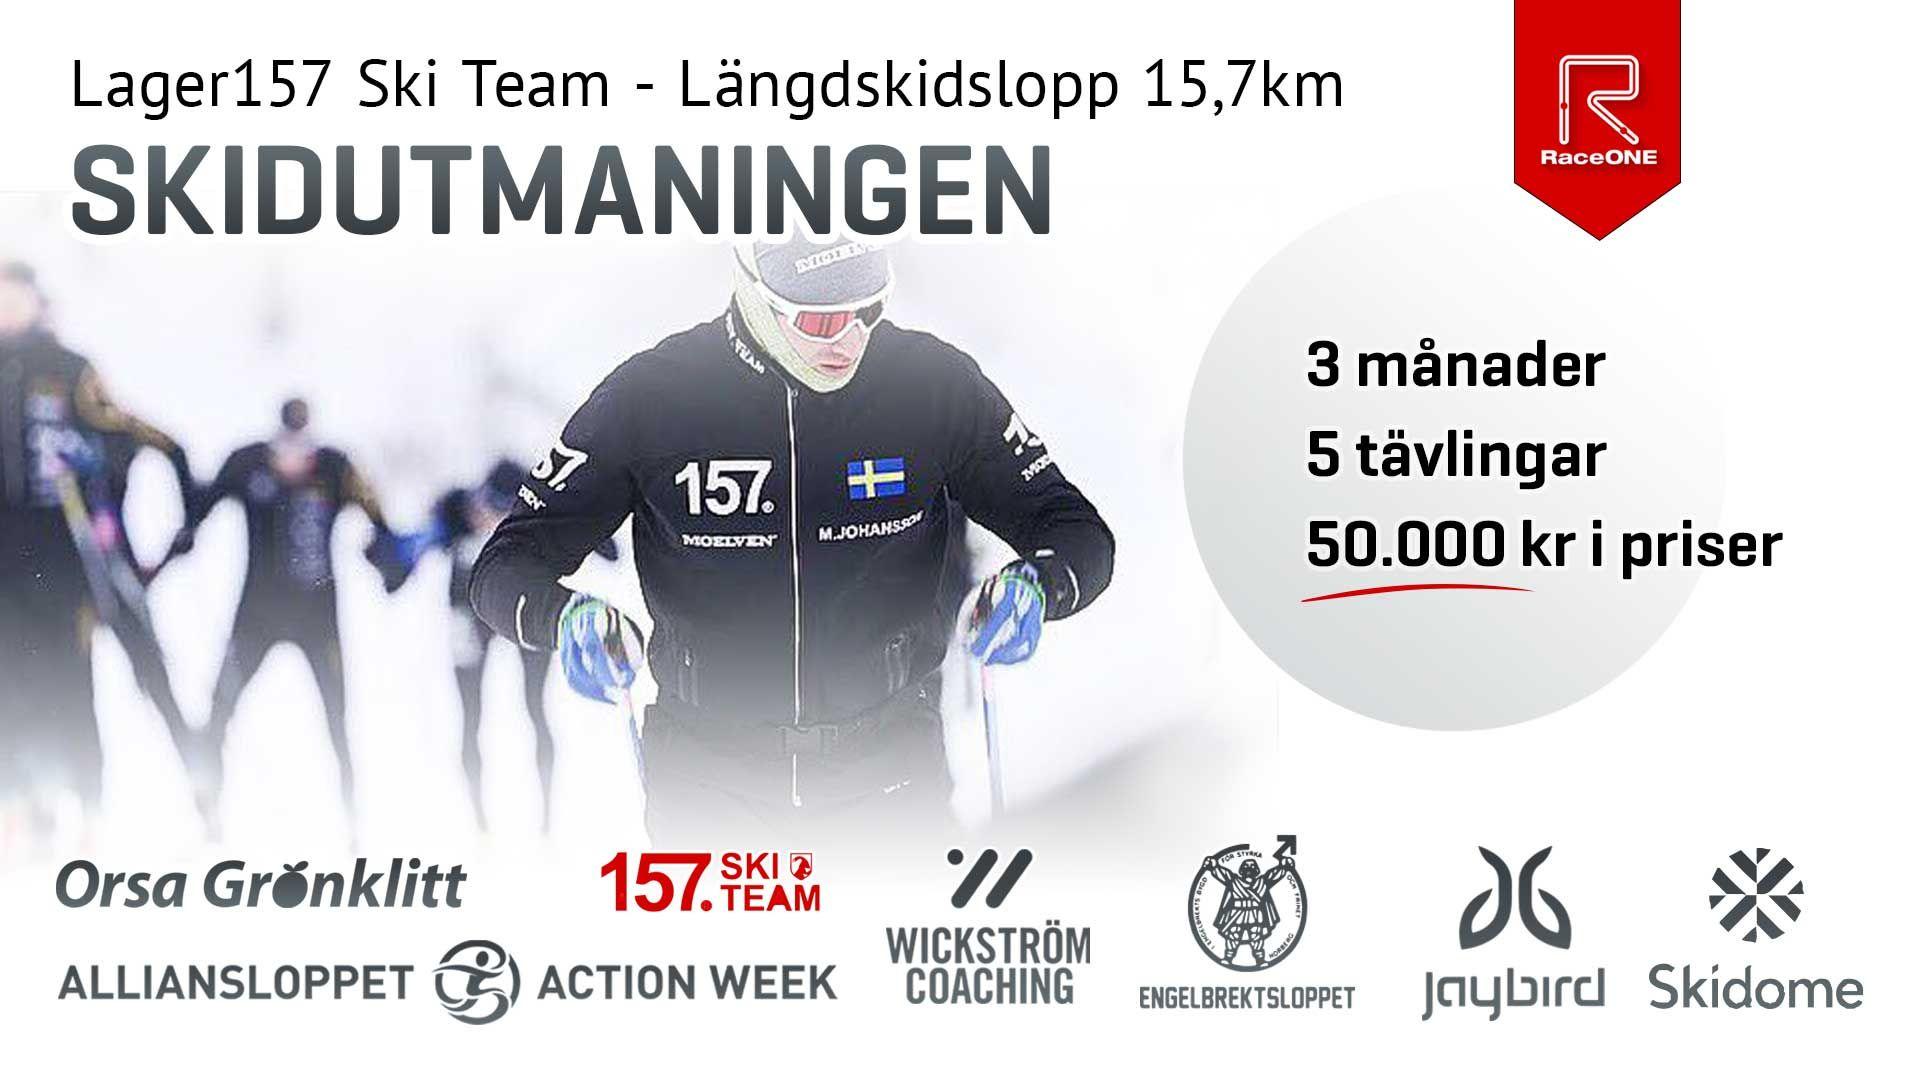 Lager157 Ski Team Längdskidslopp 15,7 km